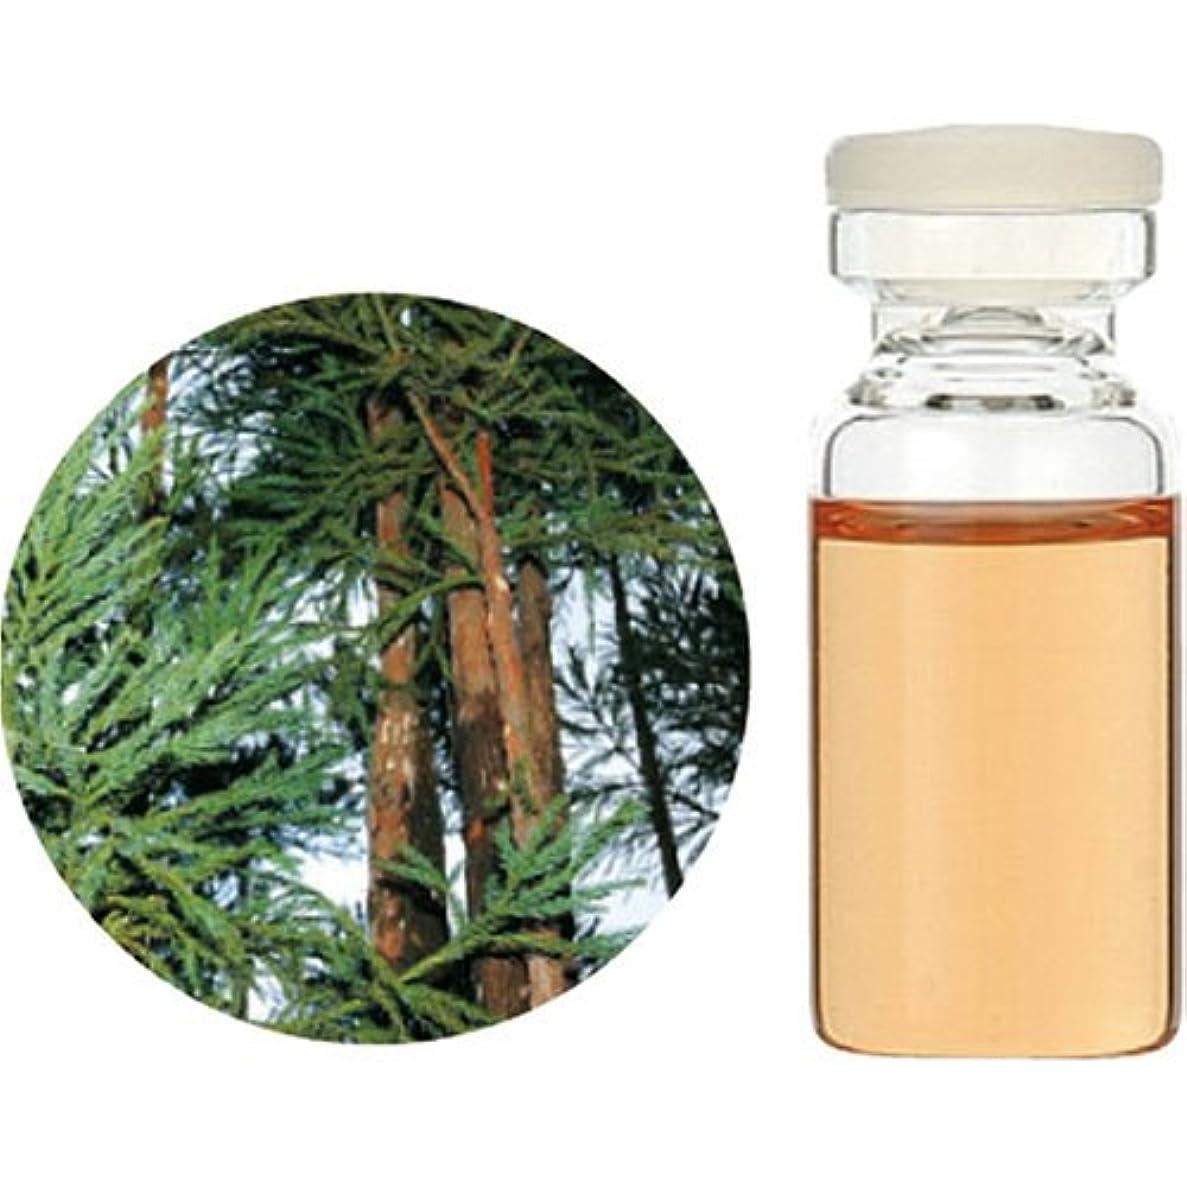 推進スカルクティーム生活の木 C 和精油 杉 (木部) エッセンシャルオイル 10ml